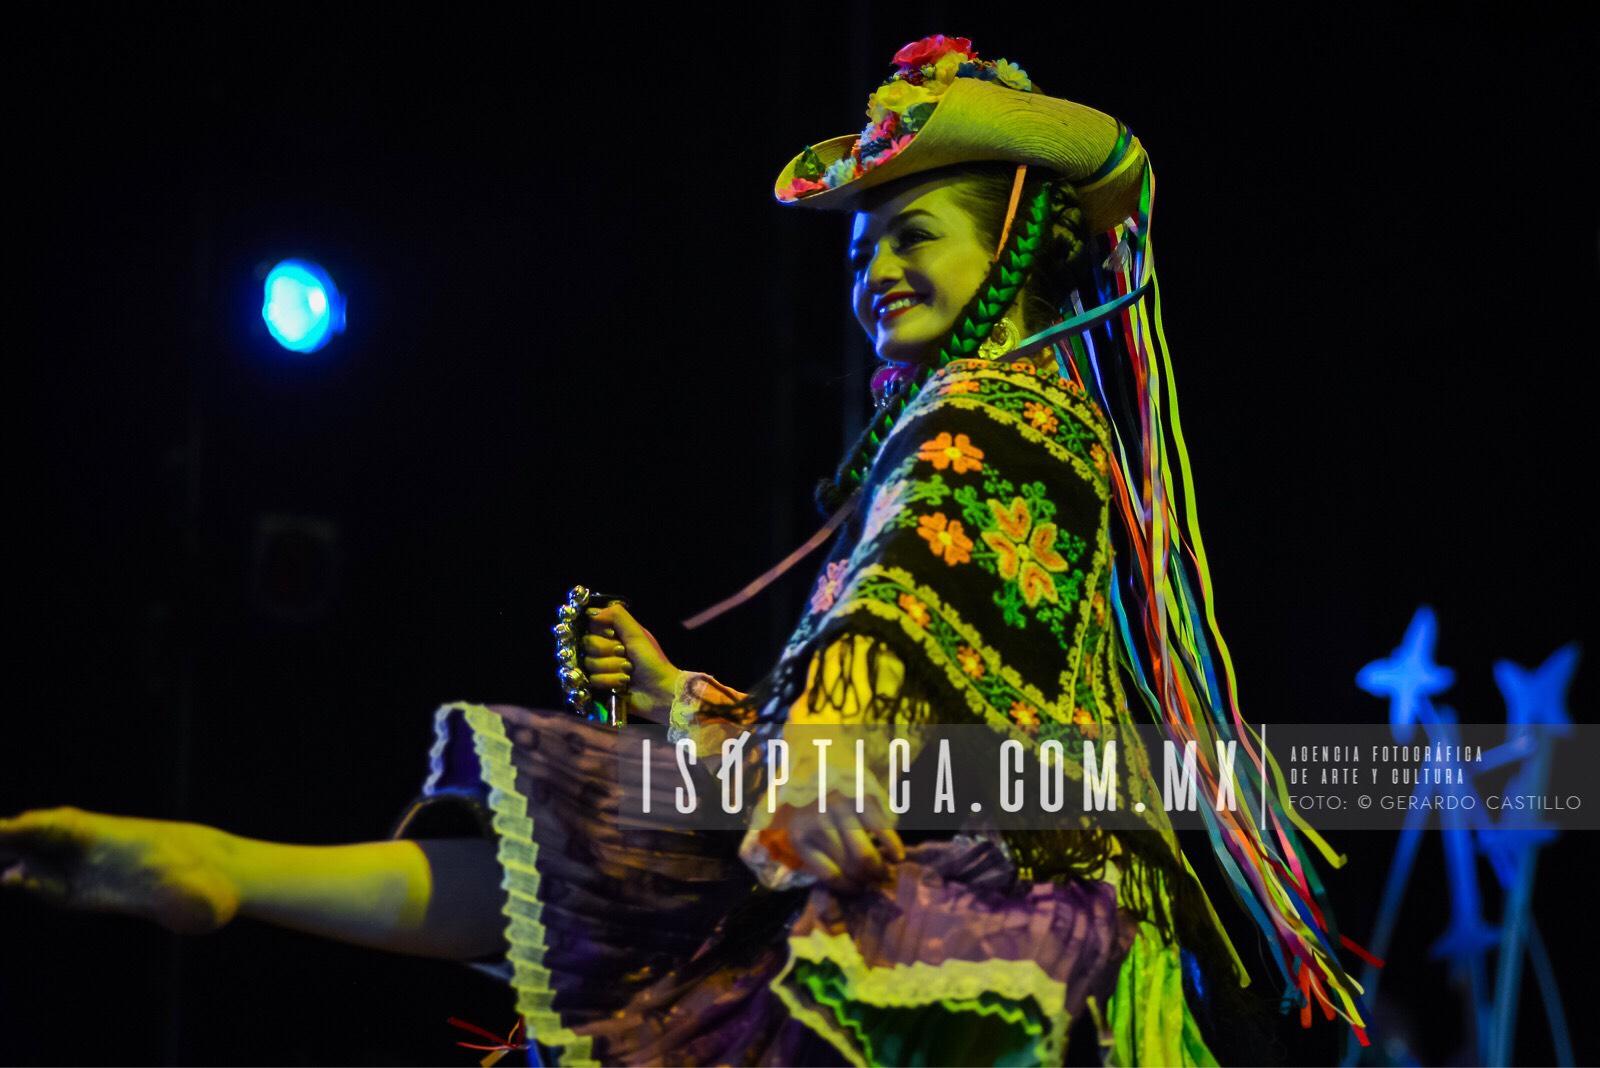 Ballet_FolcloricoEdoMex_Foto-GerardoCastillo-ISOPTICA_IMG_2653